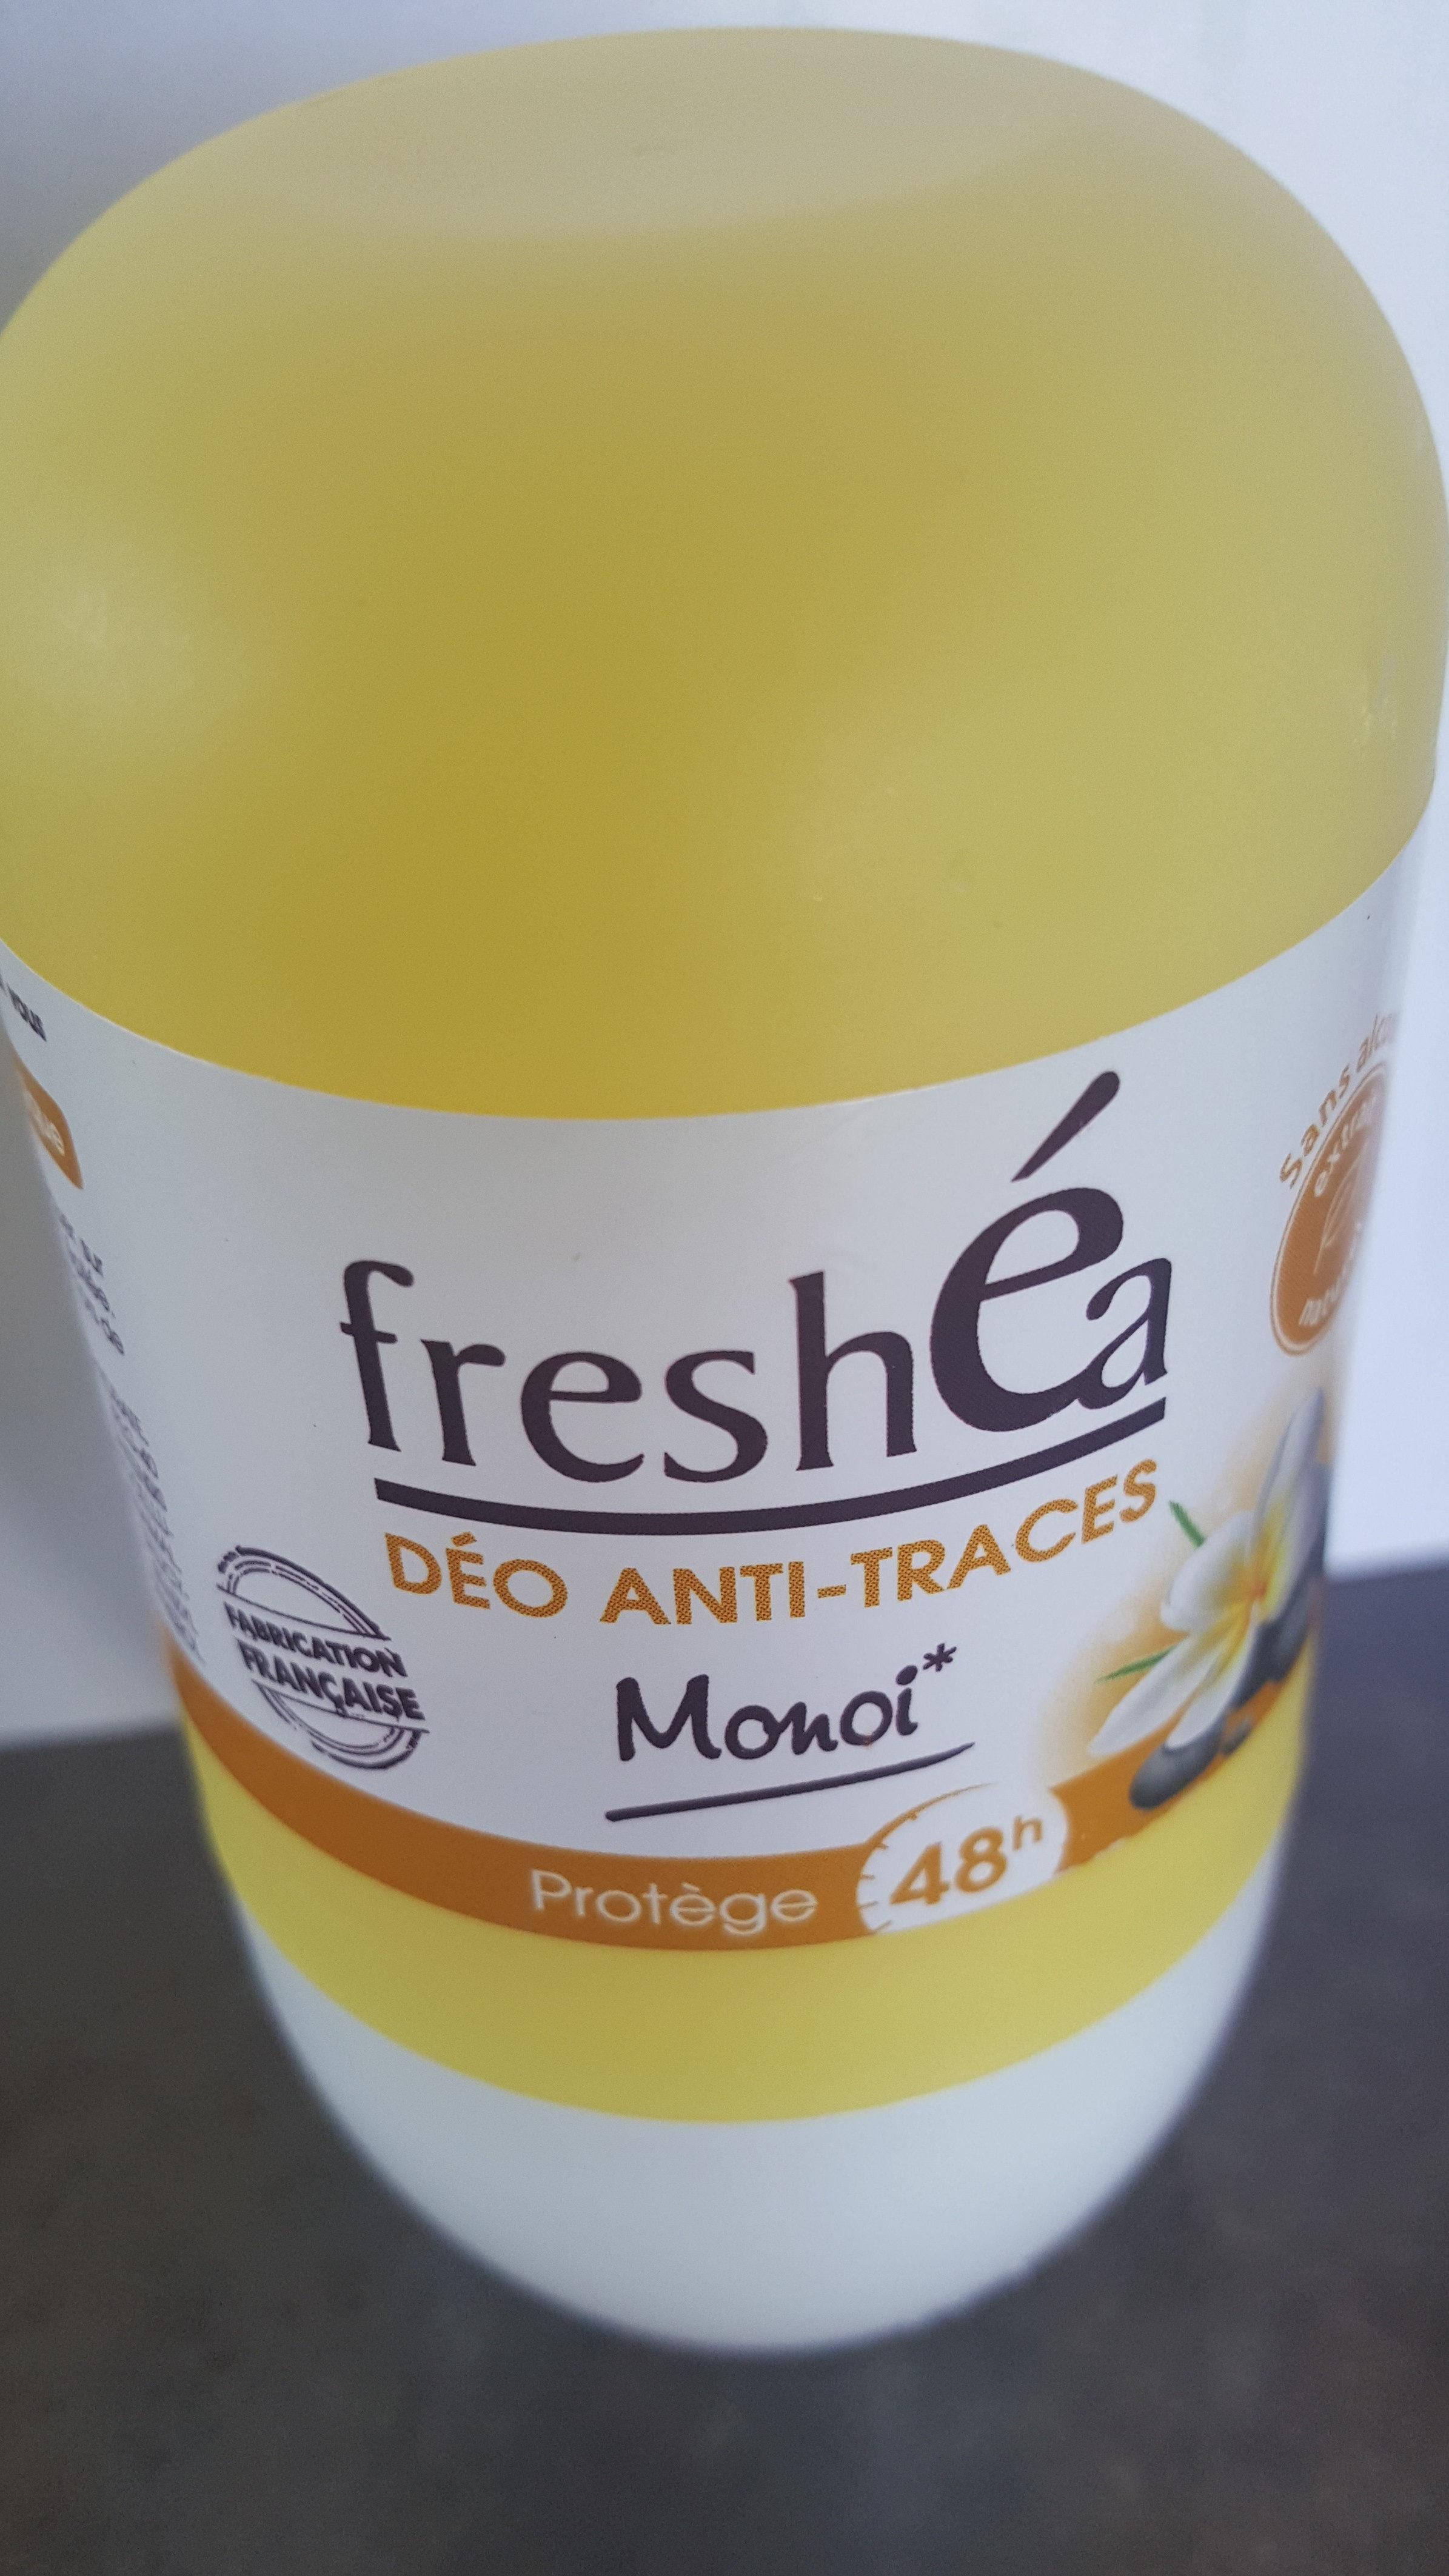 monoi - Product